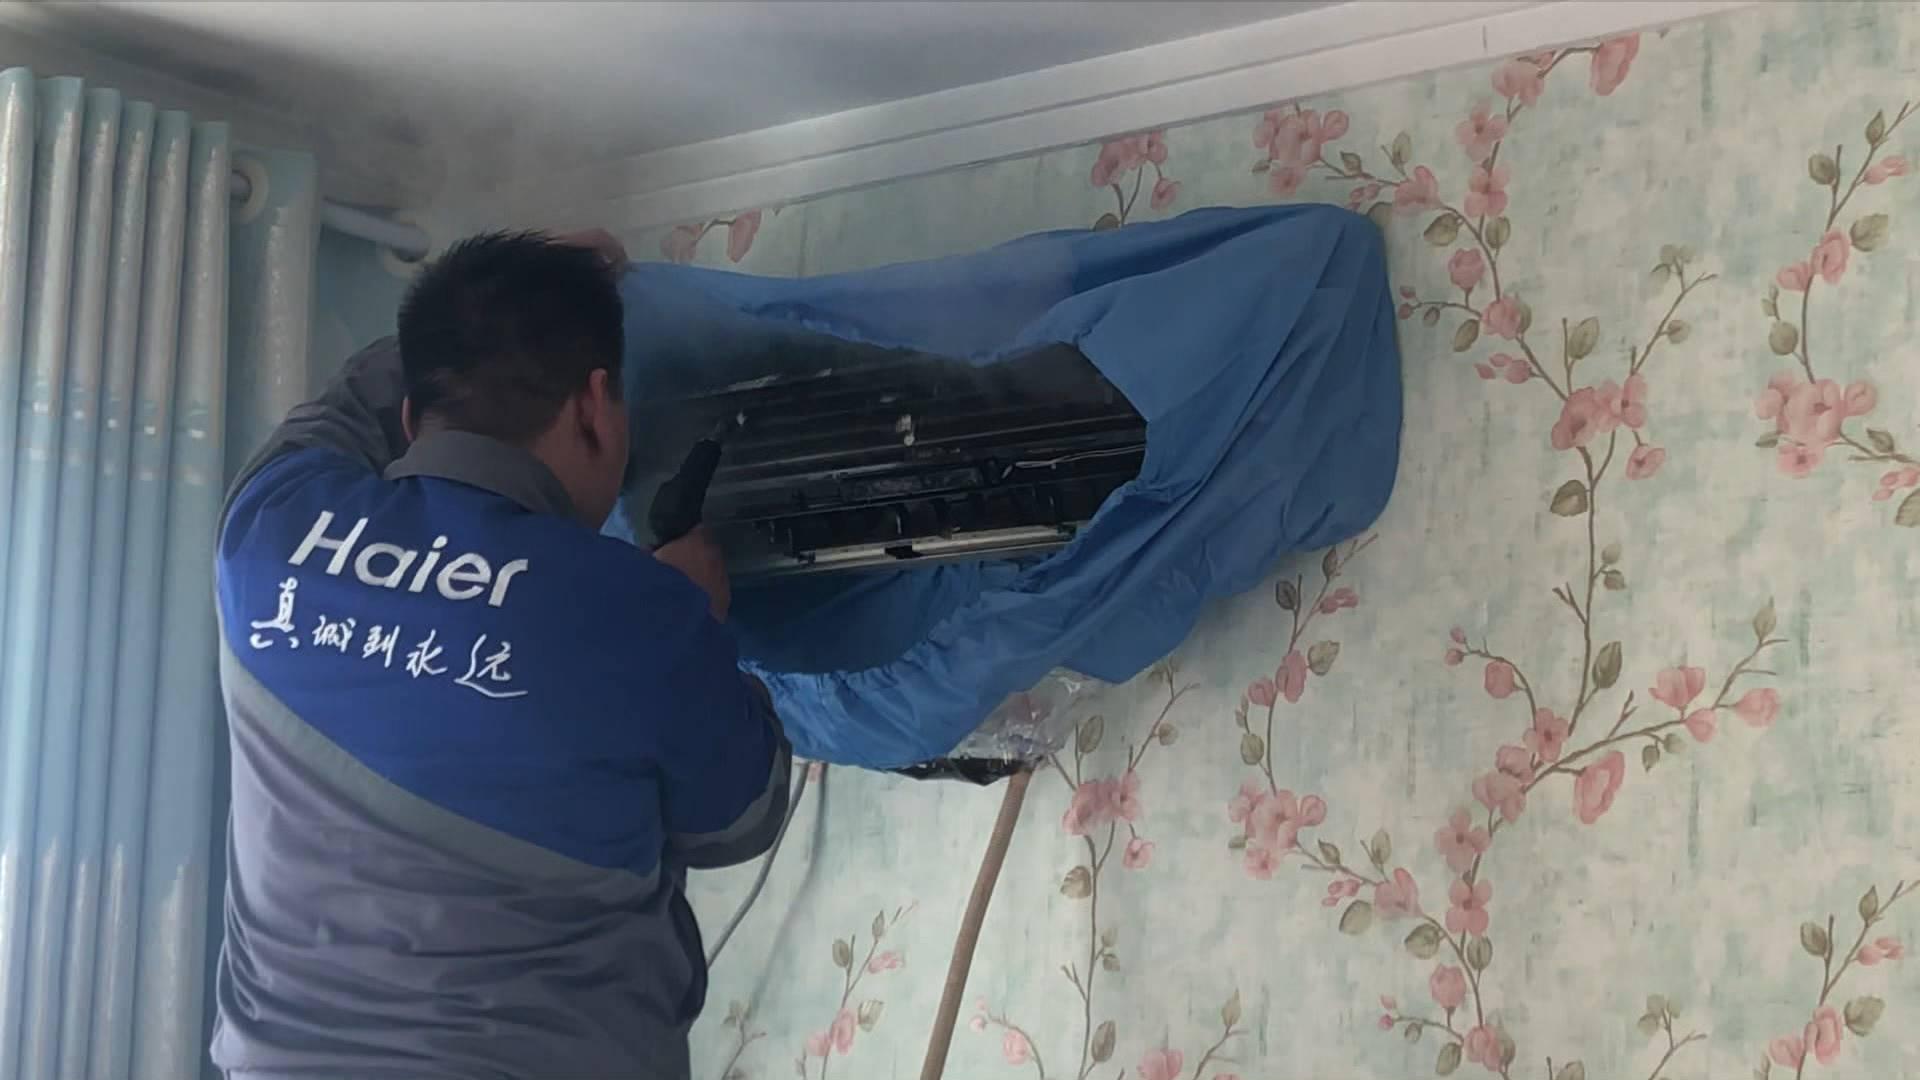 夏除尘冬除菌、冬季空调怎么更省电...关于空调取暖,知识都在这里!